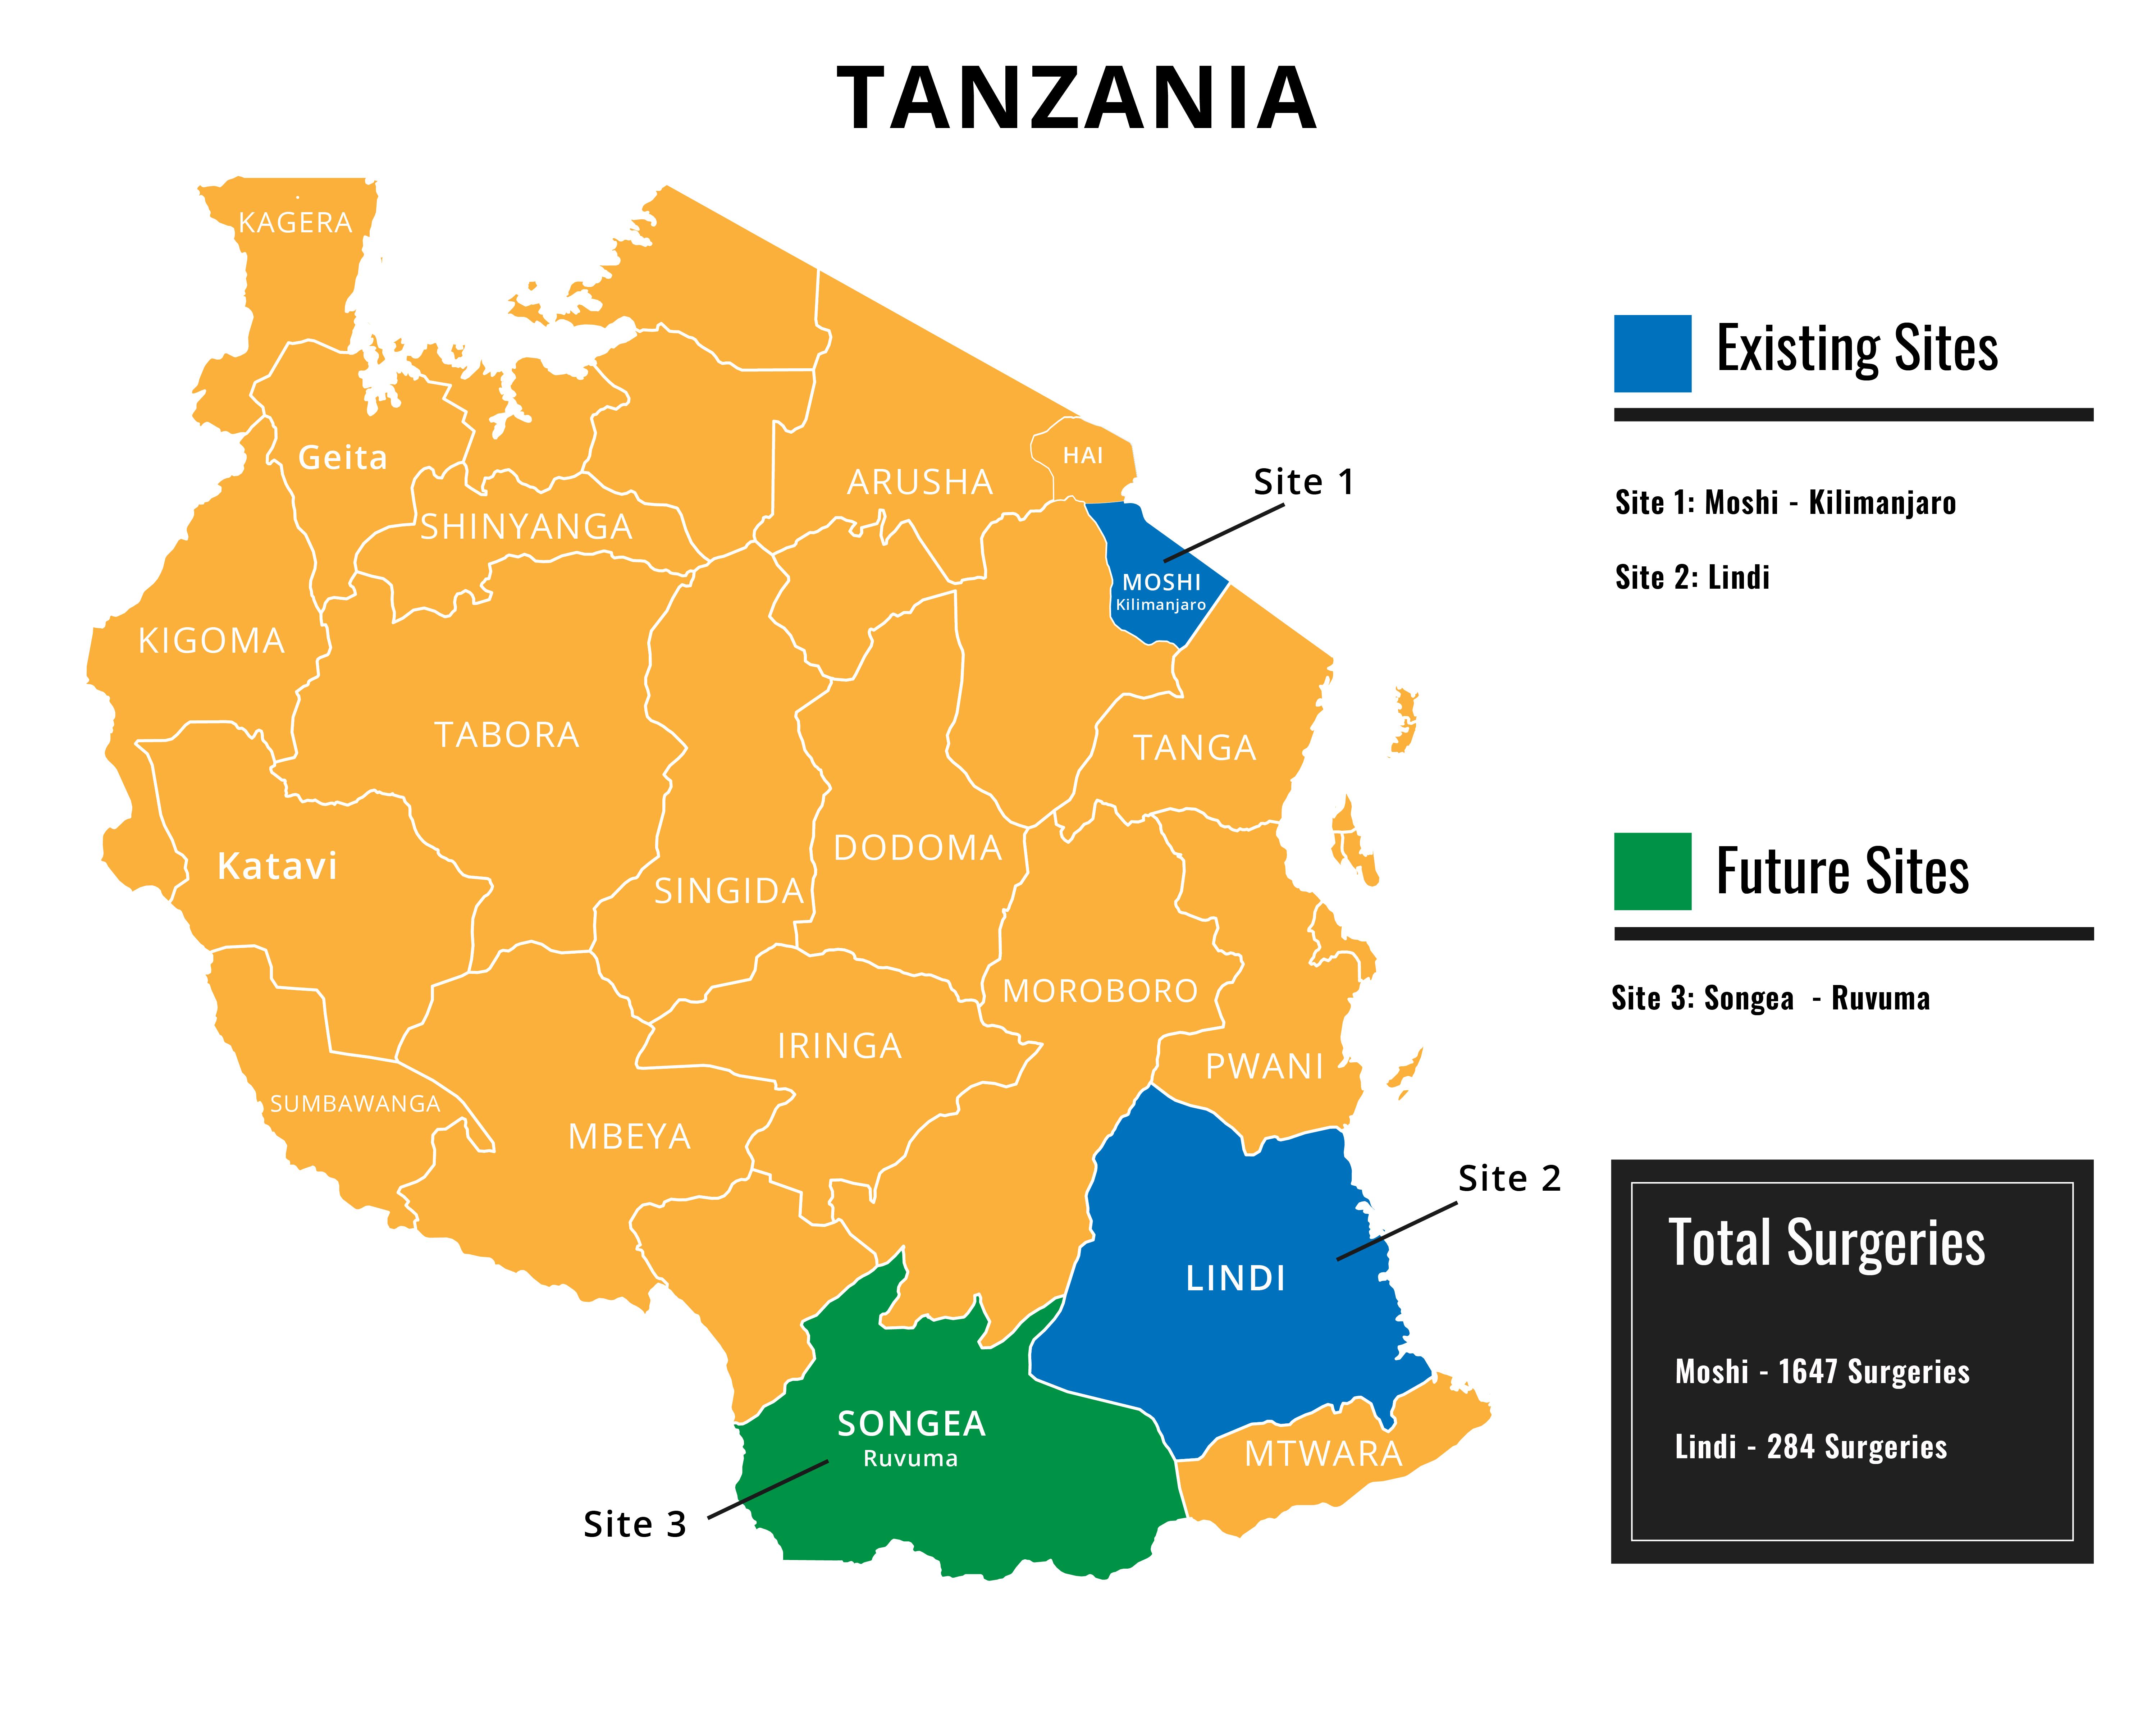 Eye Corps Tanzania